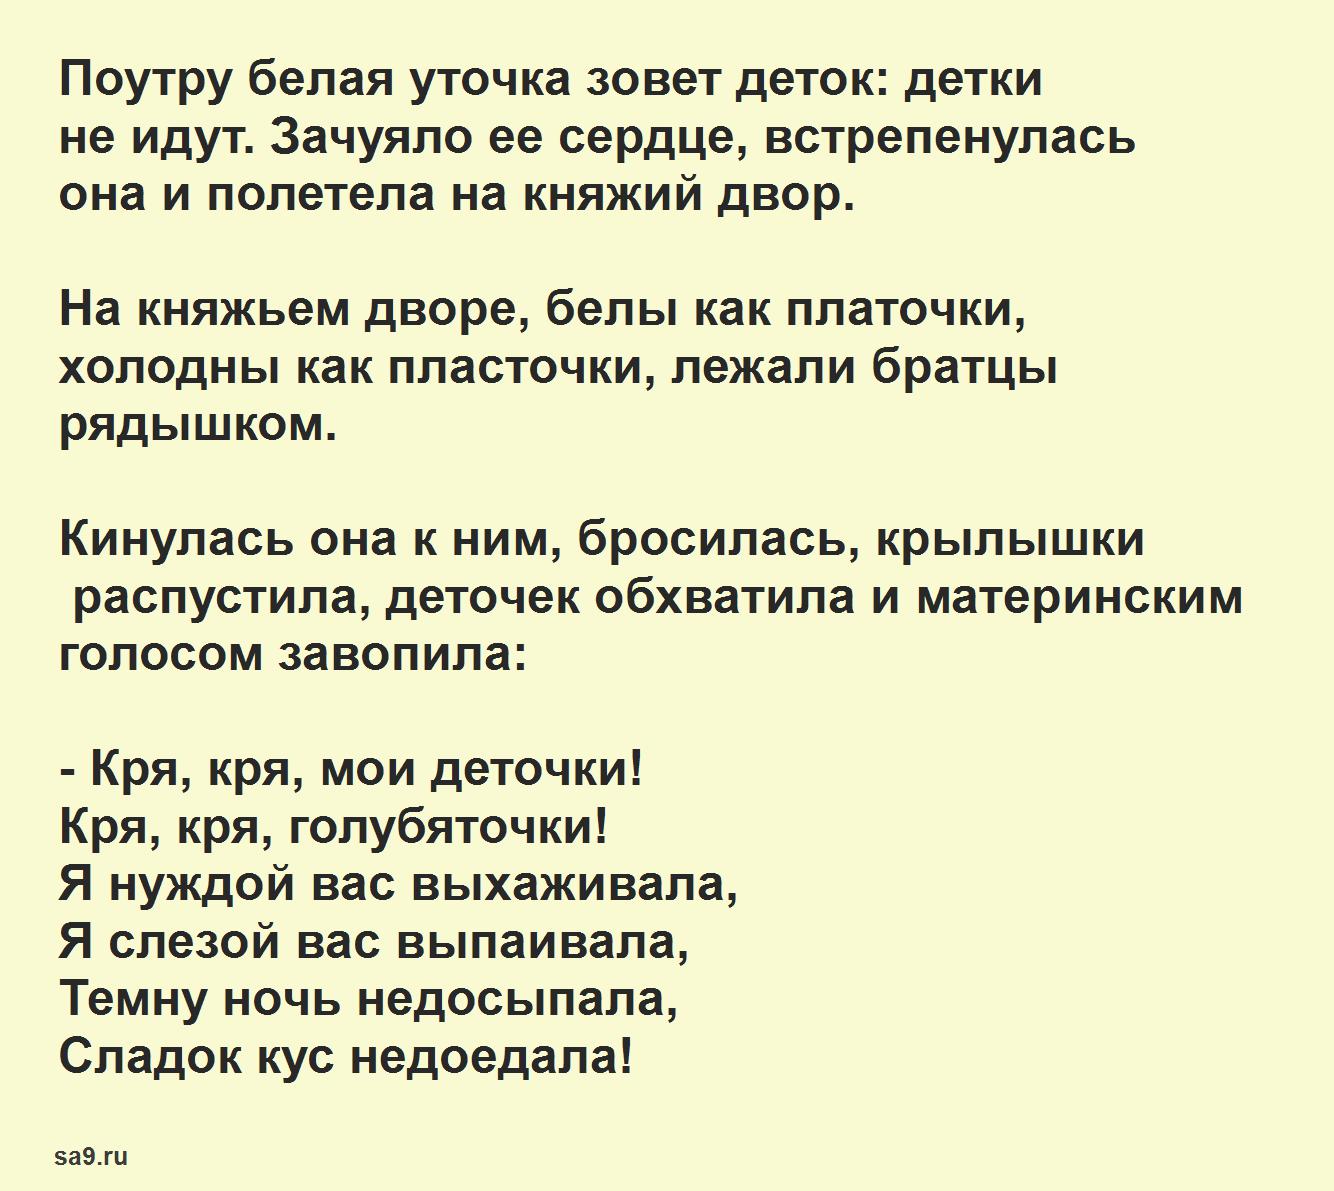 Читать текст русской народной сказки - Белая уточка, онлайн бесплатно